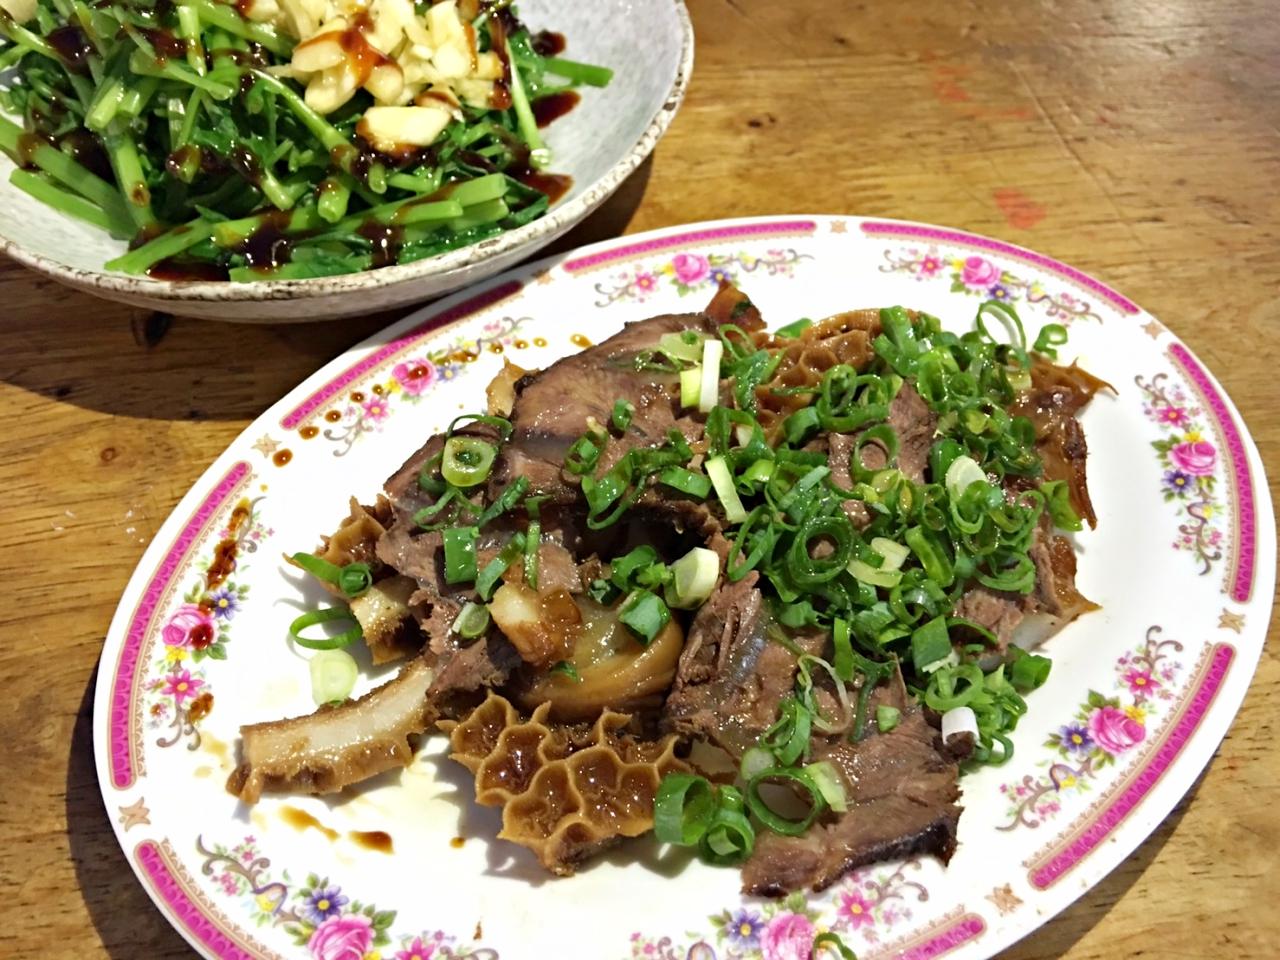 三重美食,龍門路的正義台灣牛肉,晚餐和宵夜的好選擇,吃的到全牛料理(附菜單)